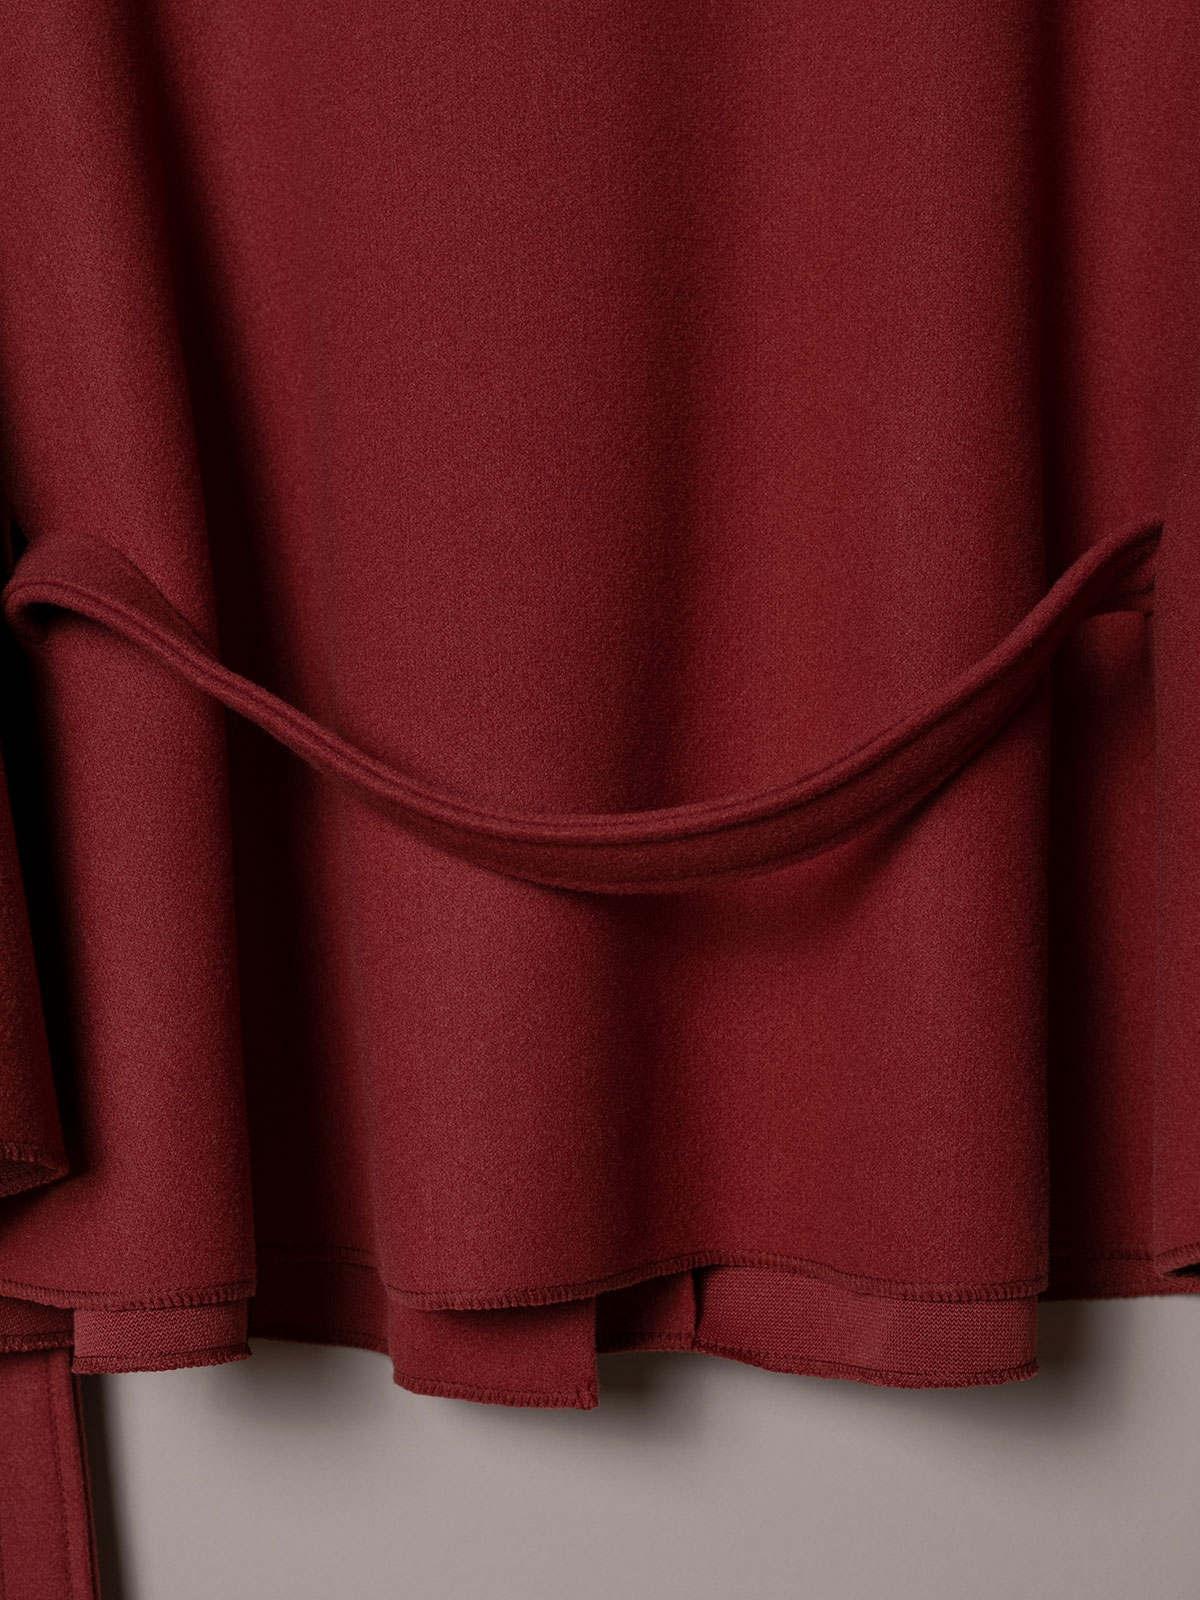 Abrigo mujer capa corta cinturón Rosa fuerte